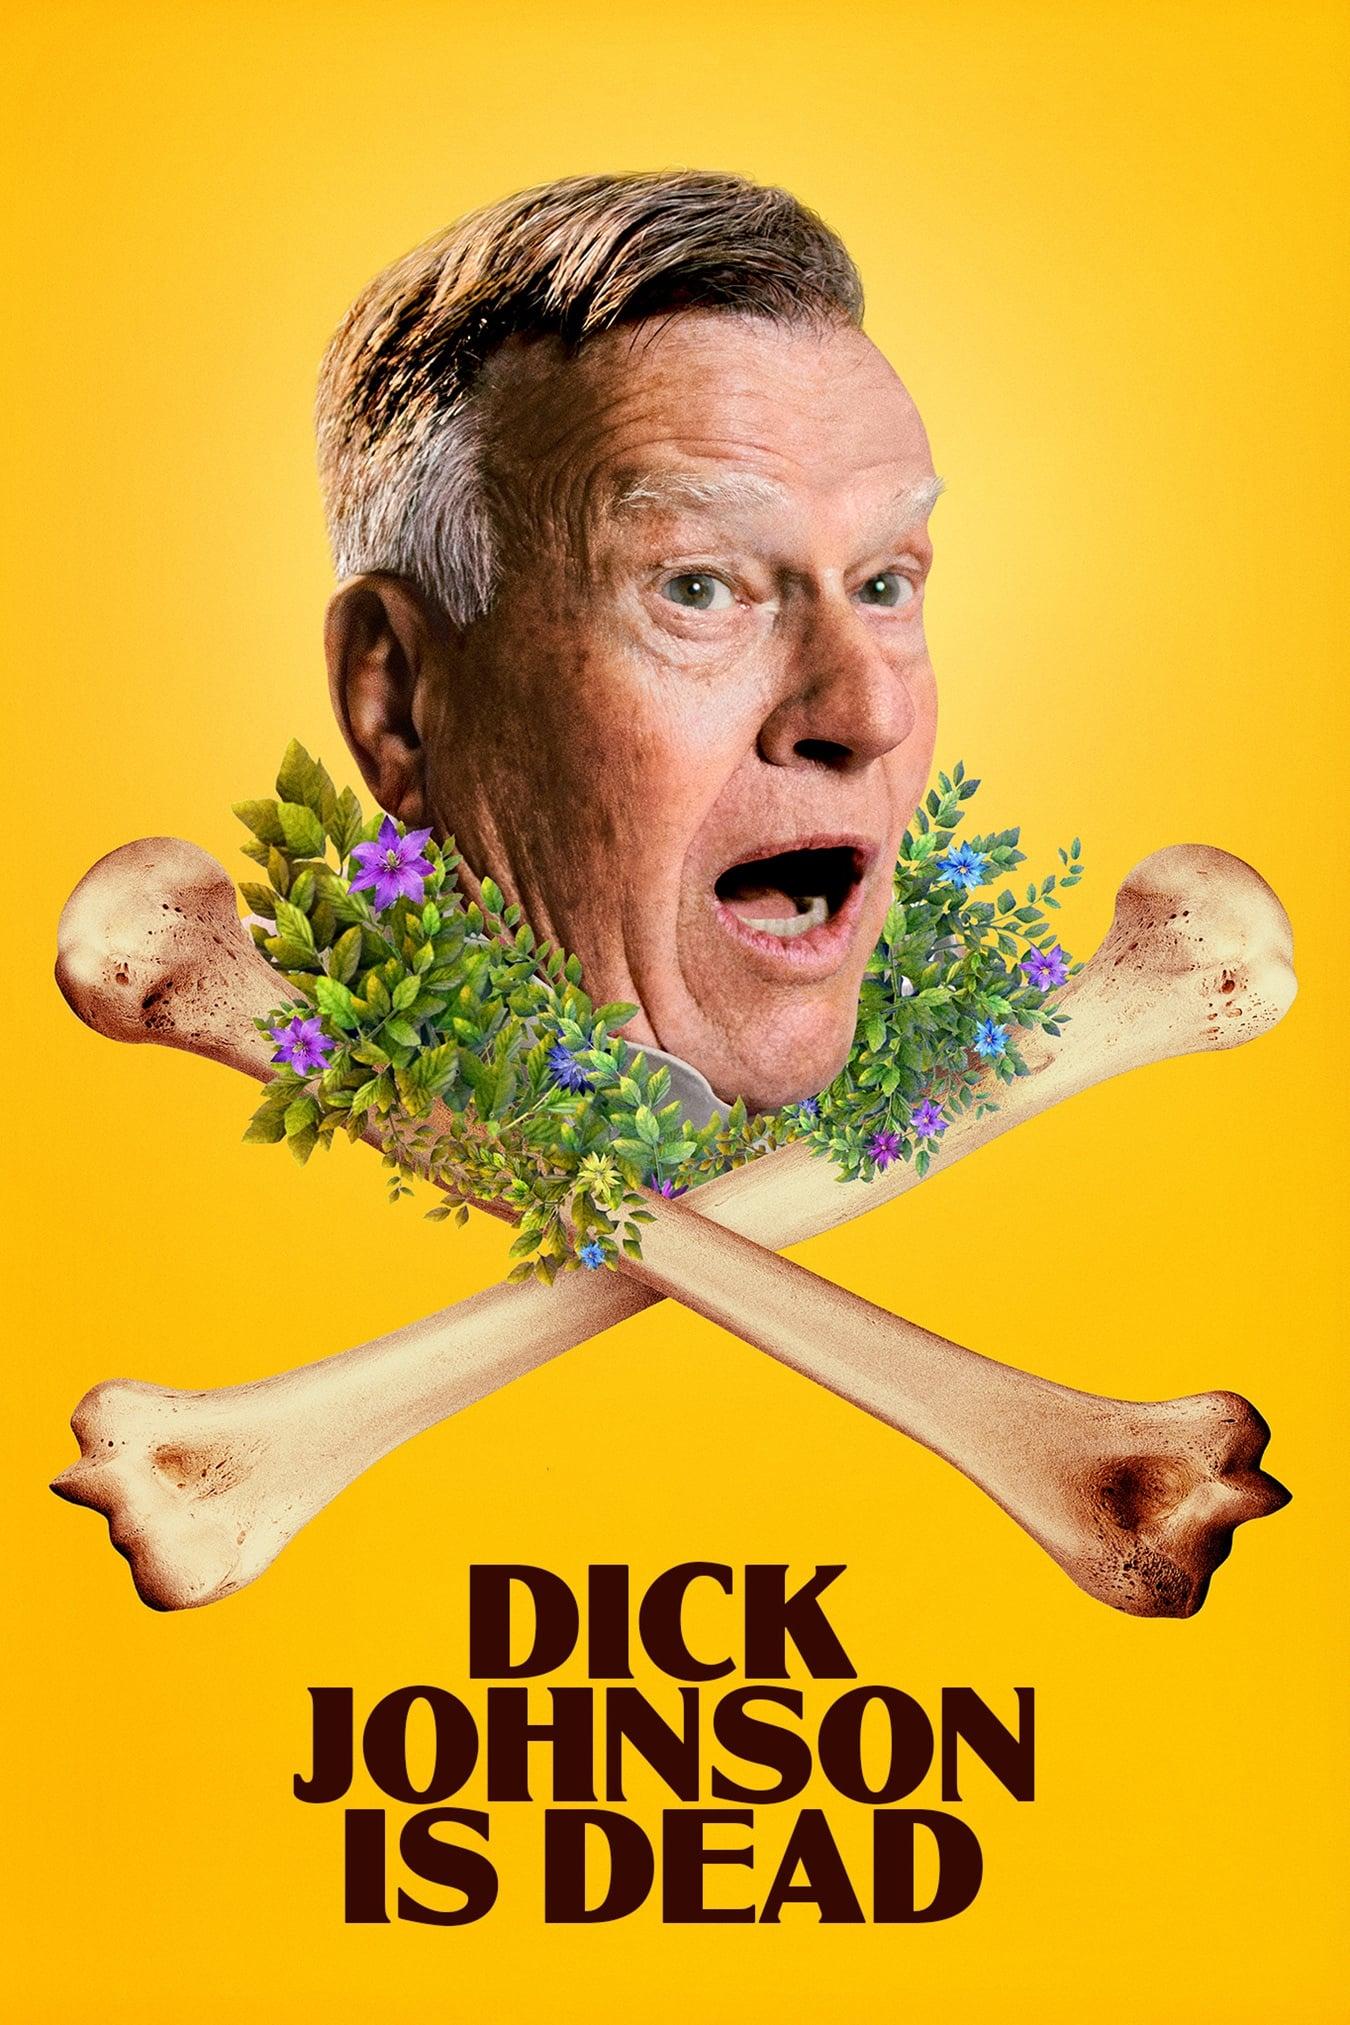 Dick-Johnson-Is-Dead-2020-2422